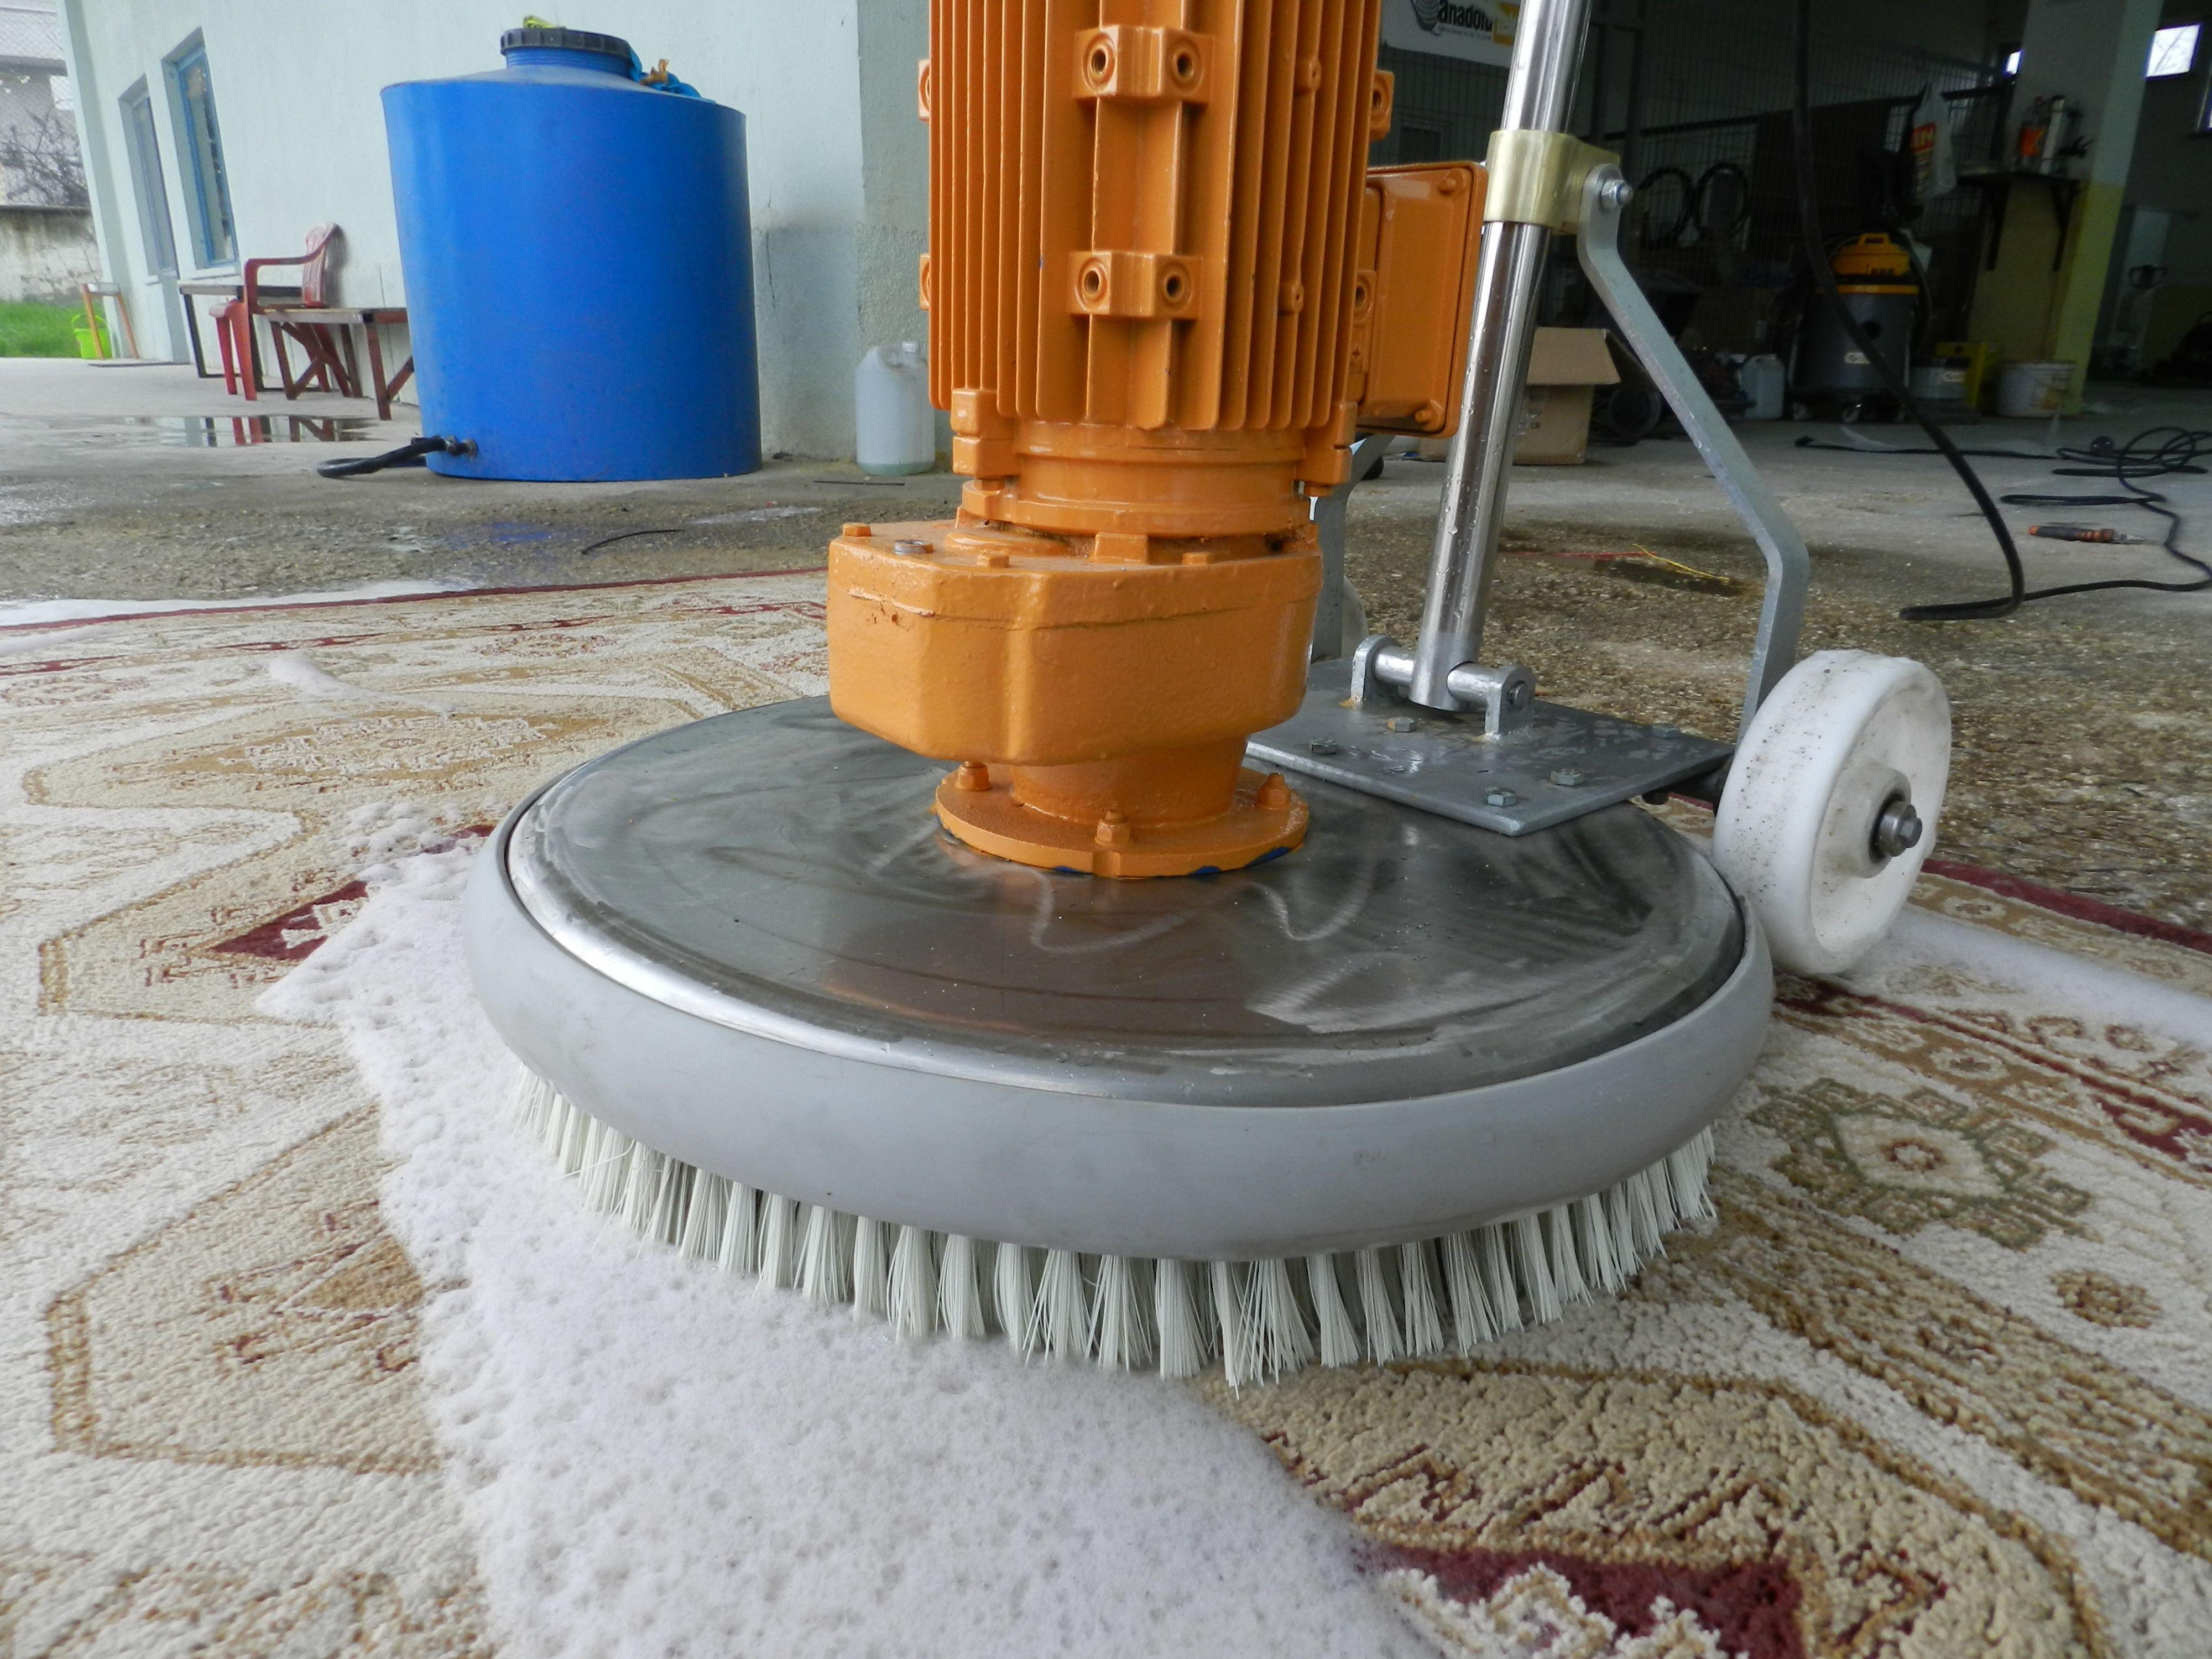 Halı temizleme tüyoları